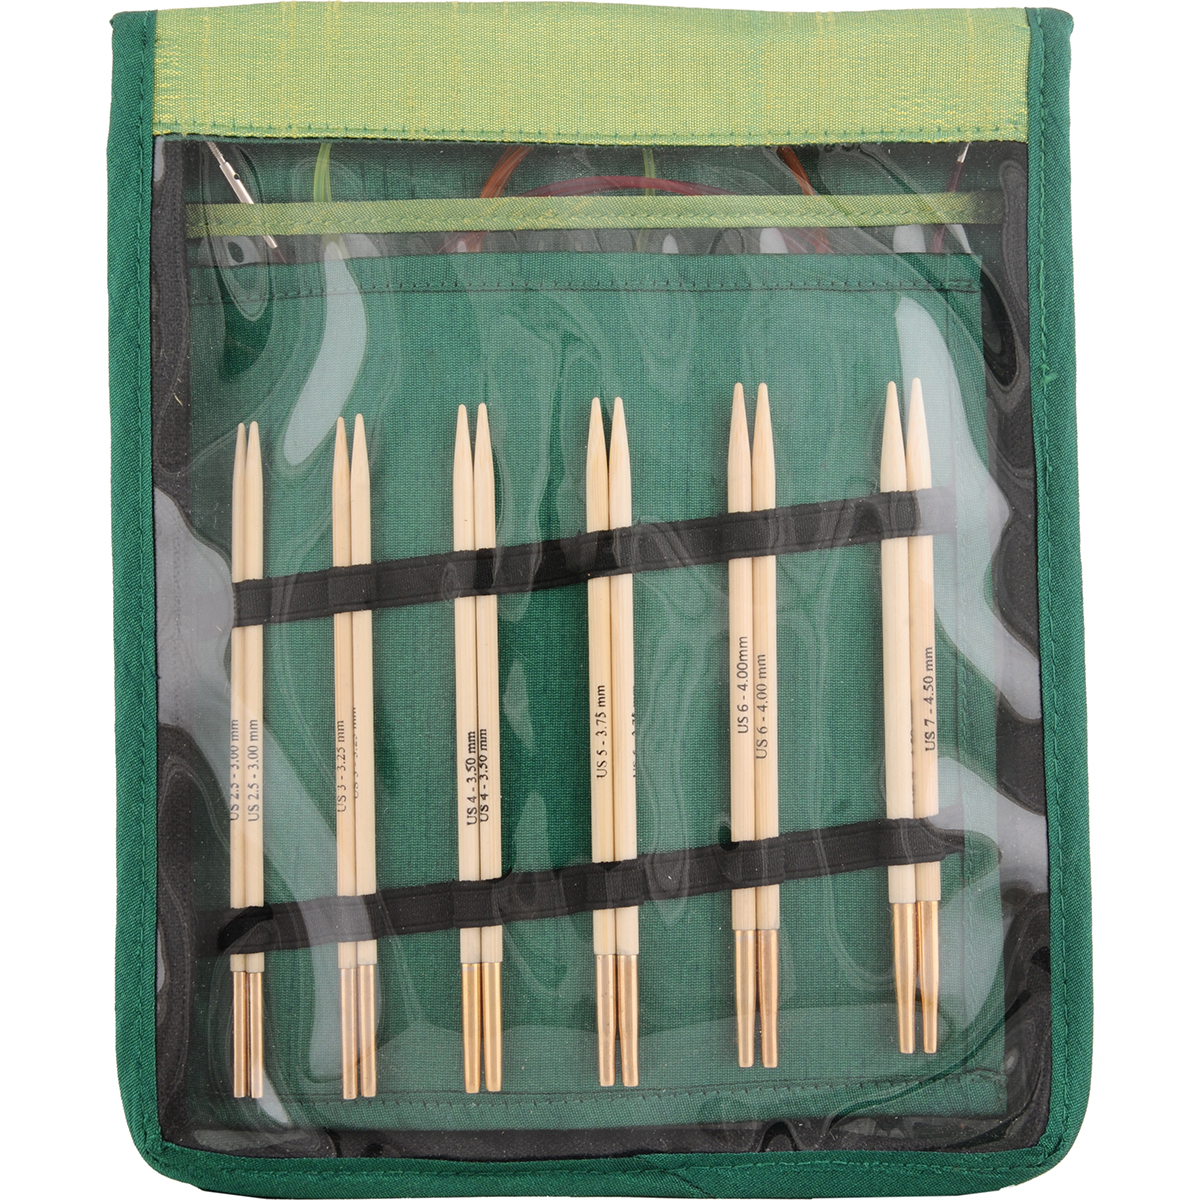 Bamboo Deluxe Interchangeable Needle Set